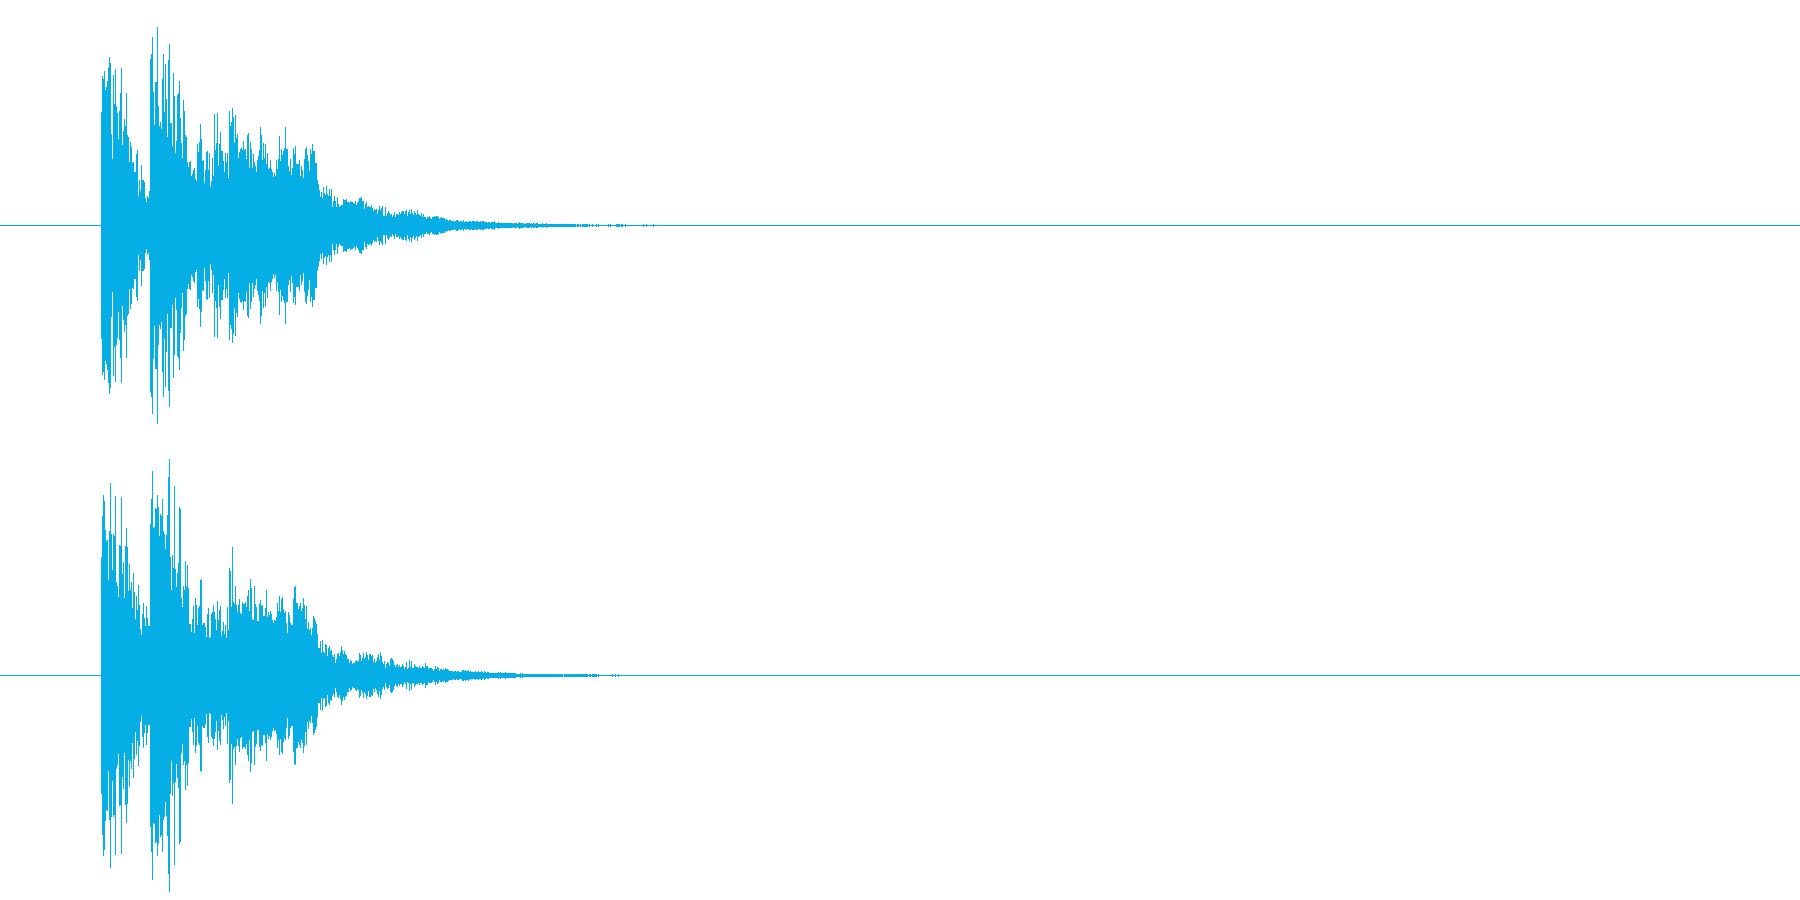 キュー・アタック系ジングルの再生済みの波形